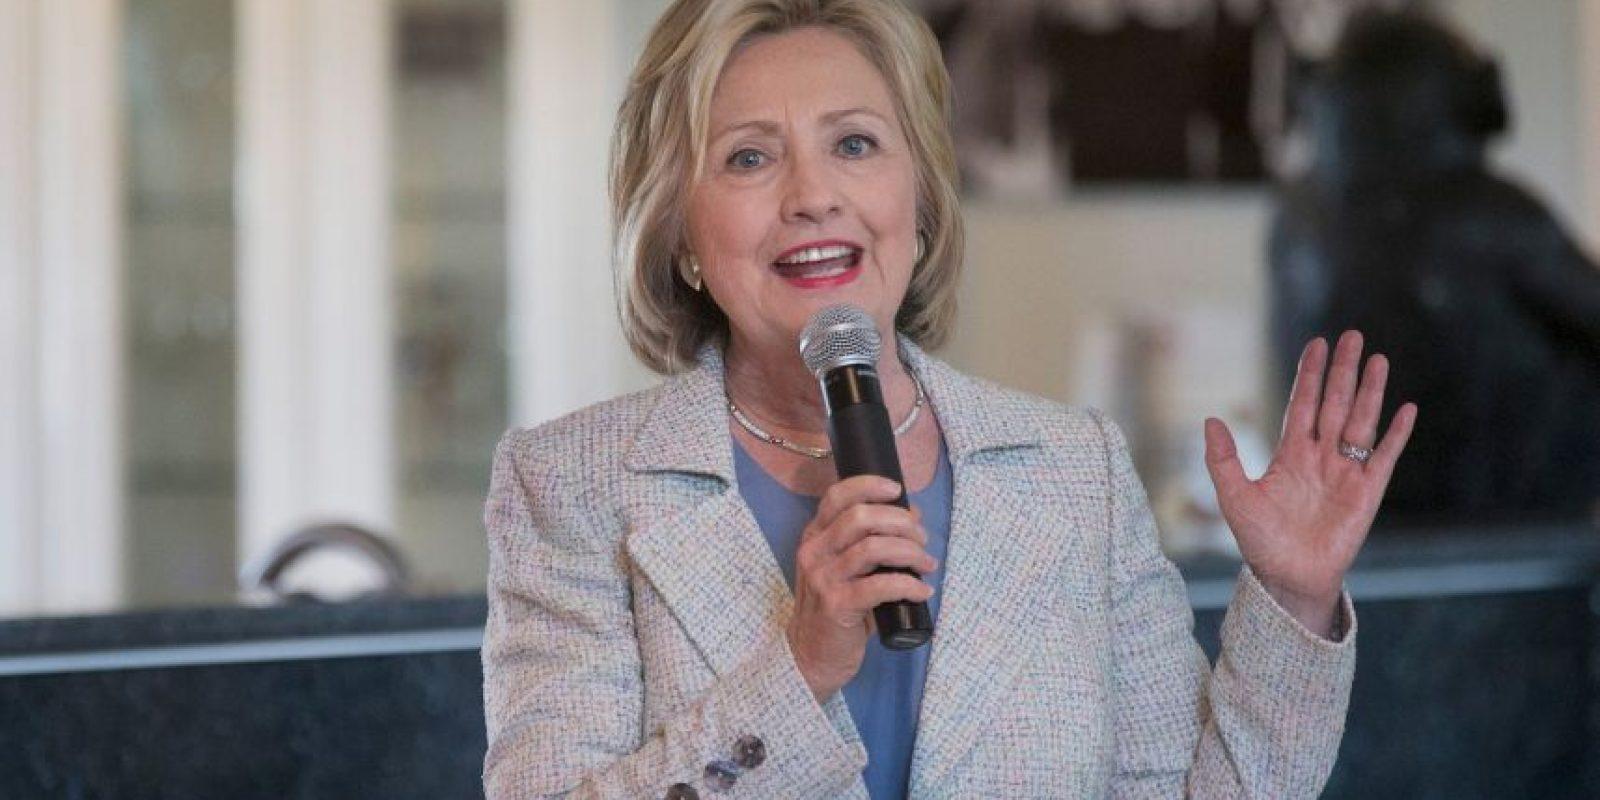 Se ha visto involucrada en múltiples controversias, como la del uso de su correo personal para asuntos oficiales cuando era secretaria de estado. Foto:Getty Images